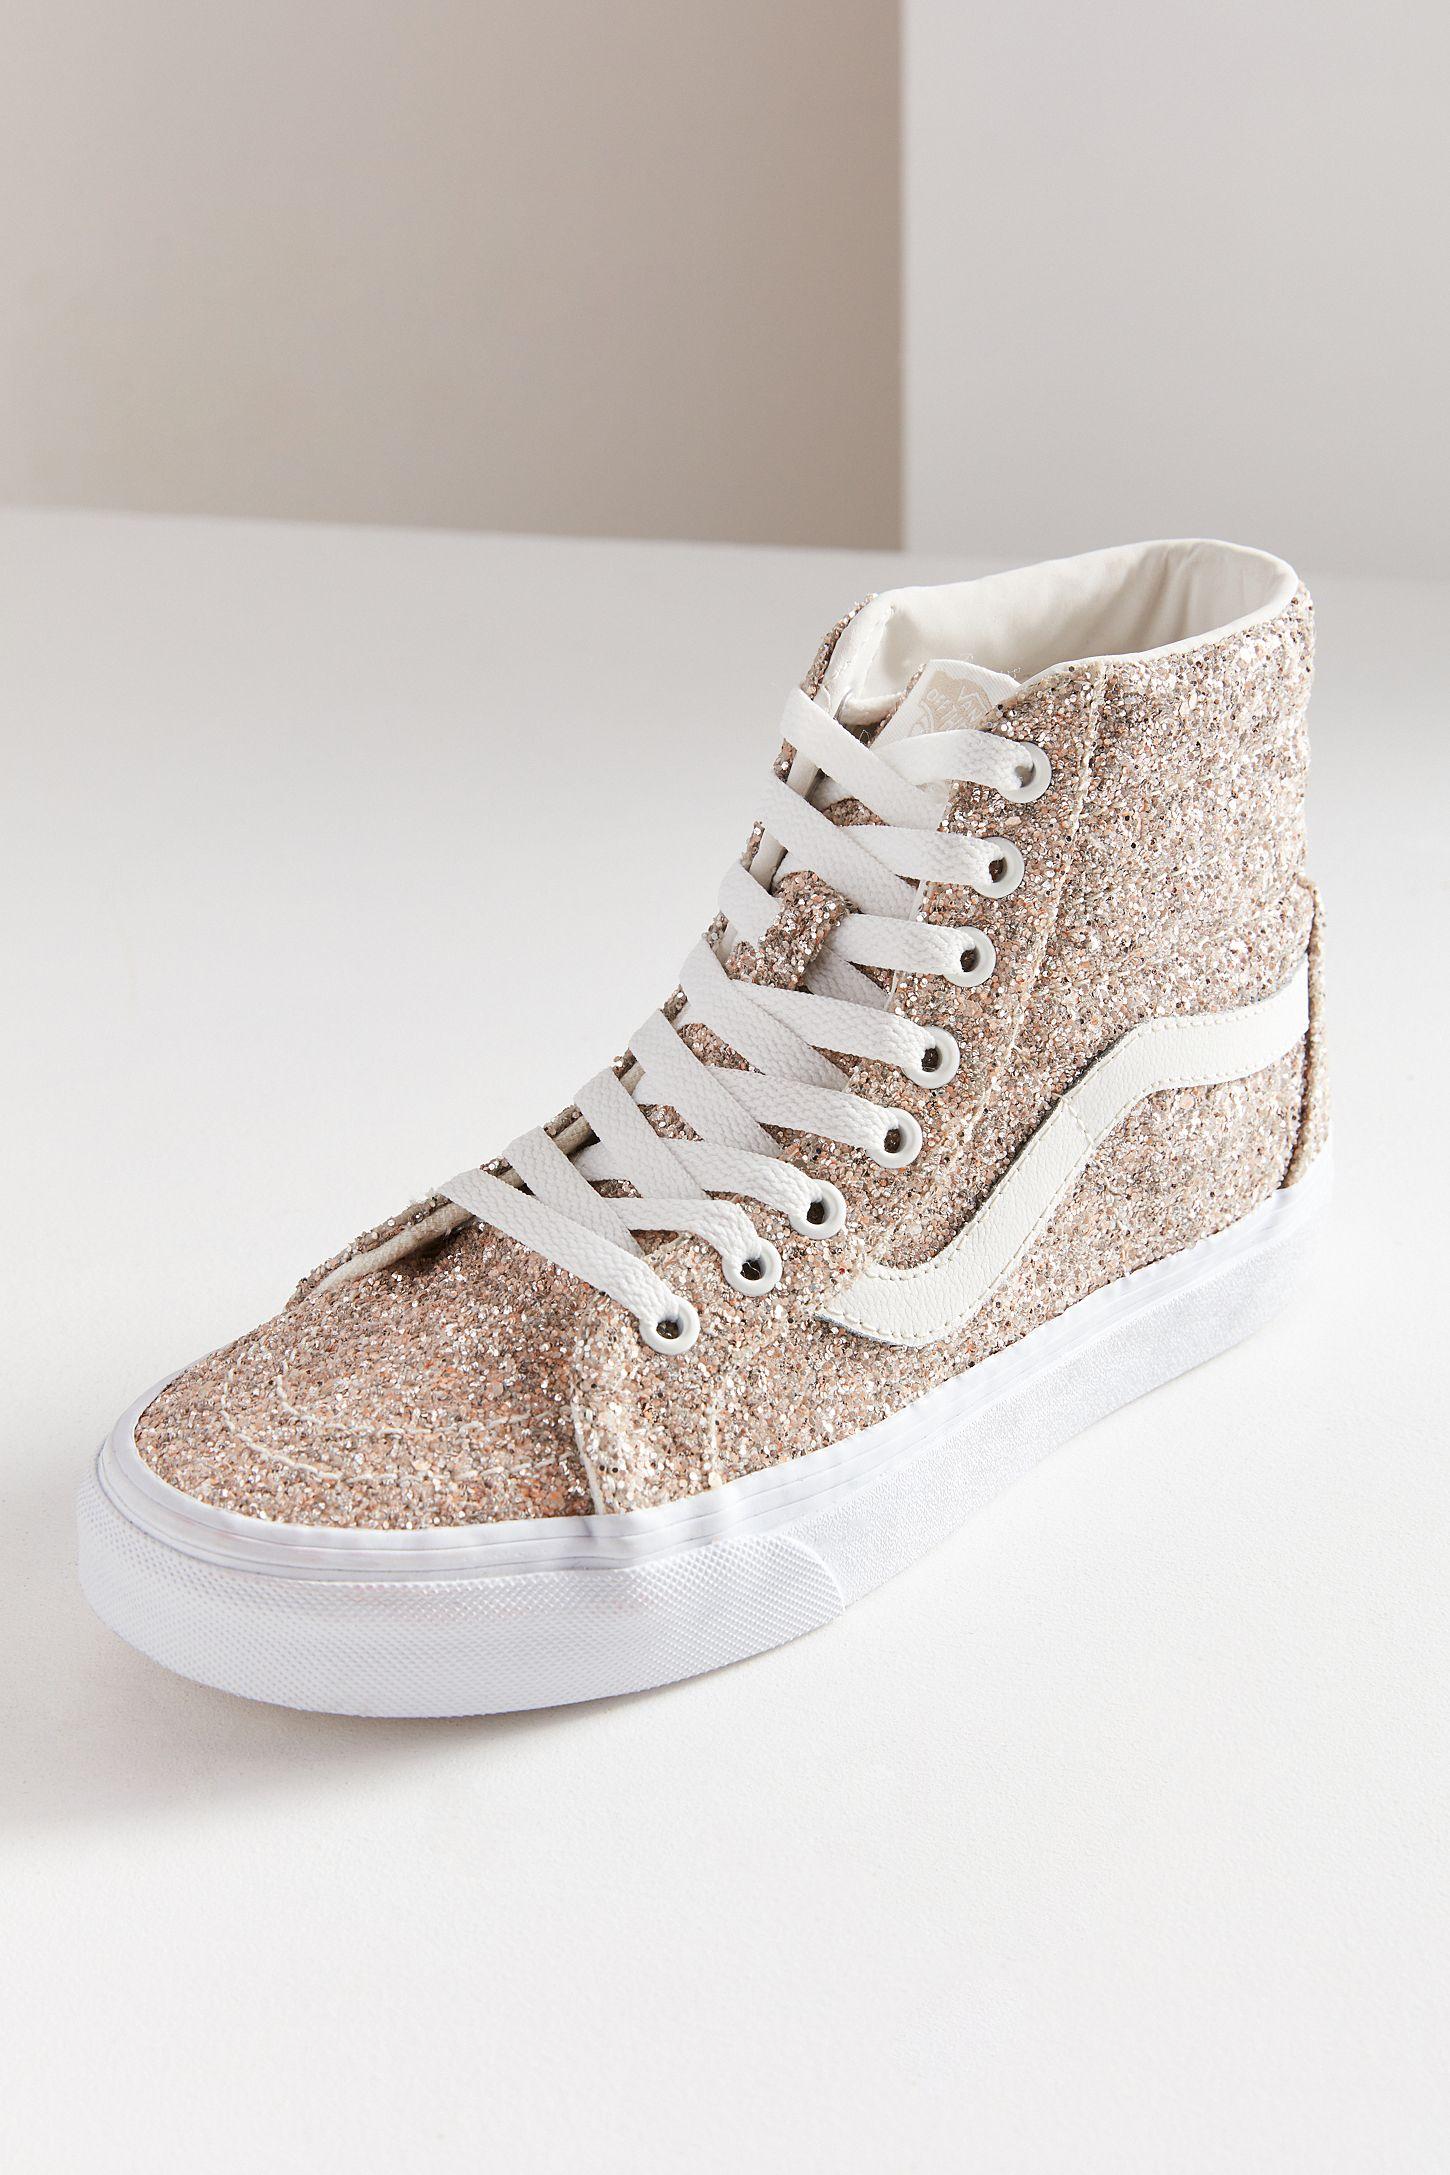 1a17e0f281 Vans Chunky Glitter Sk8-Hi Reissue Sneaker